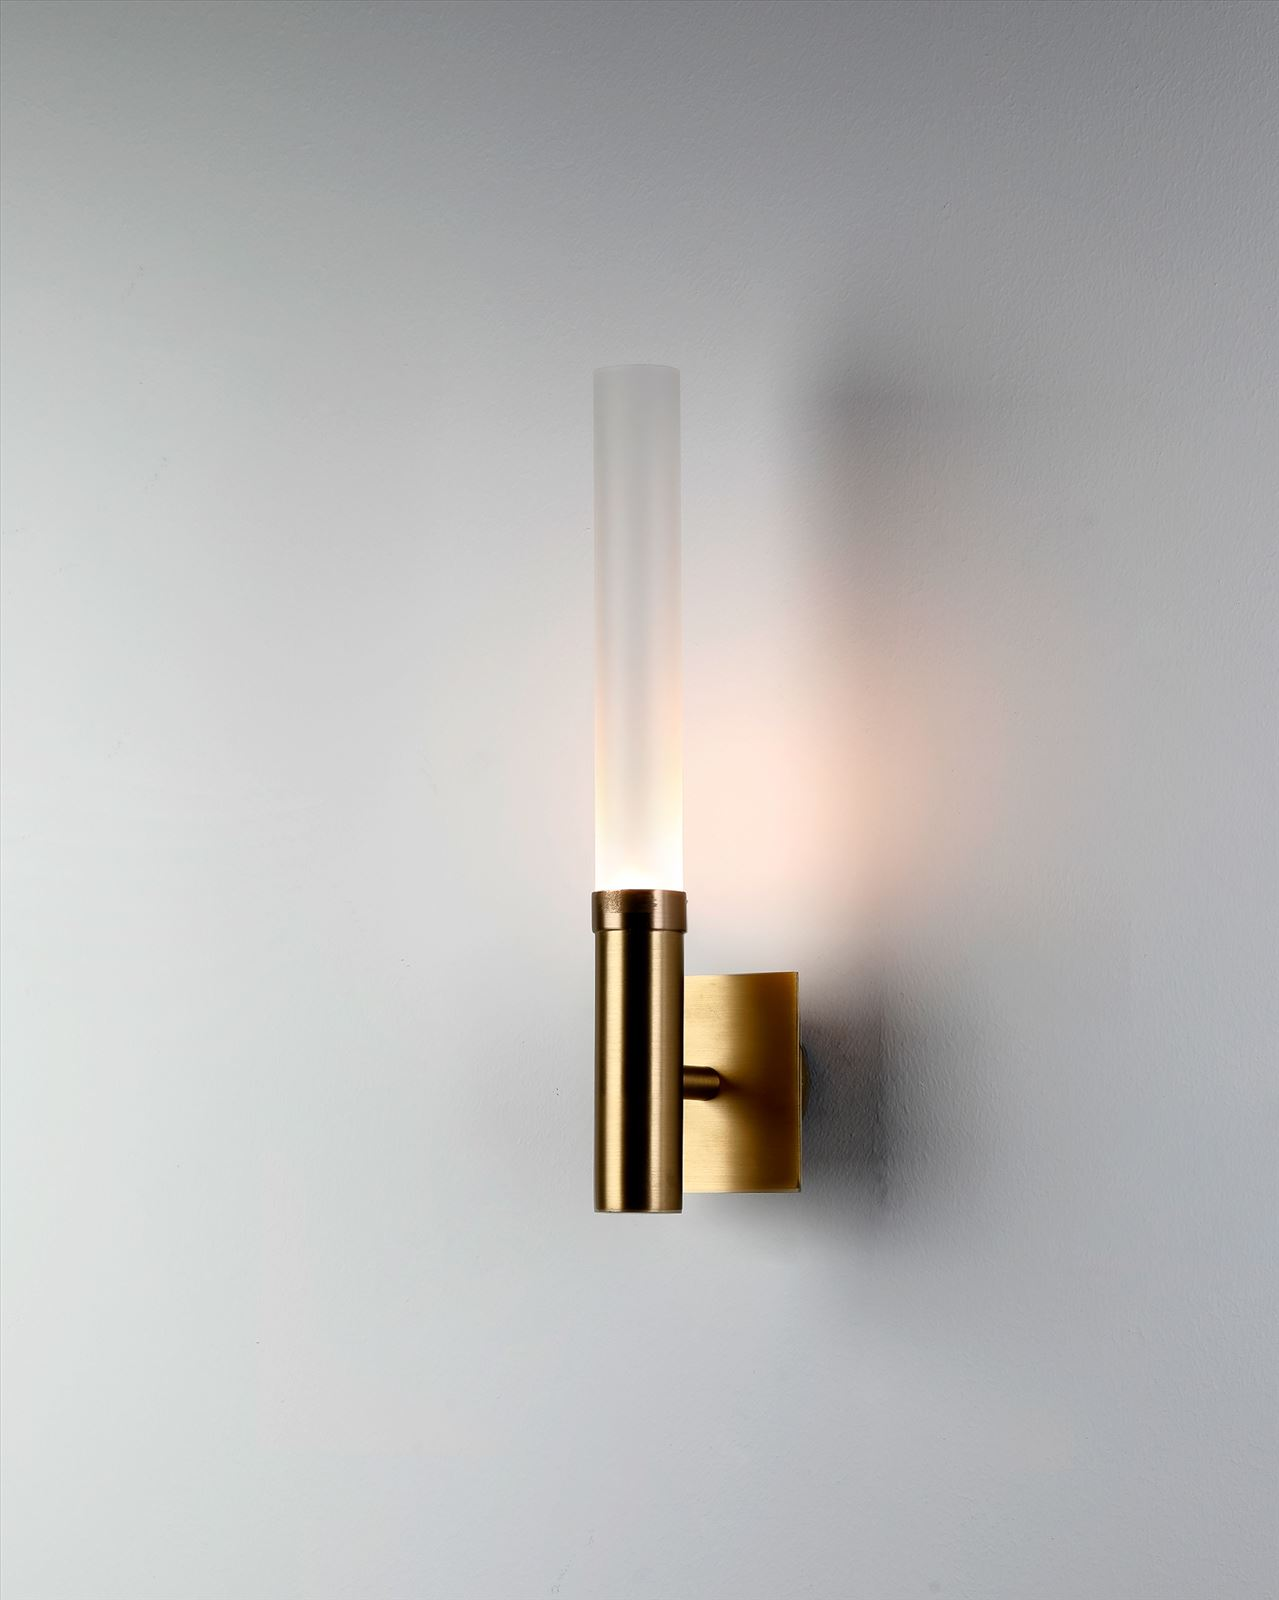 גופי תאורה בקטגוריית: מנורות קיר  ,שם המוצר: LIGHTSABER